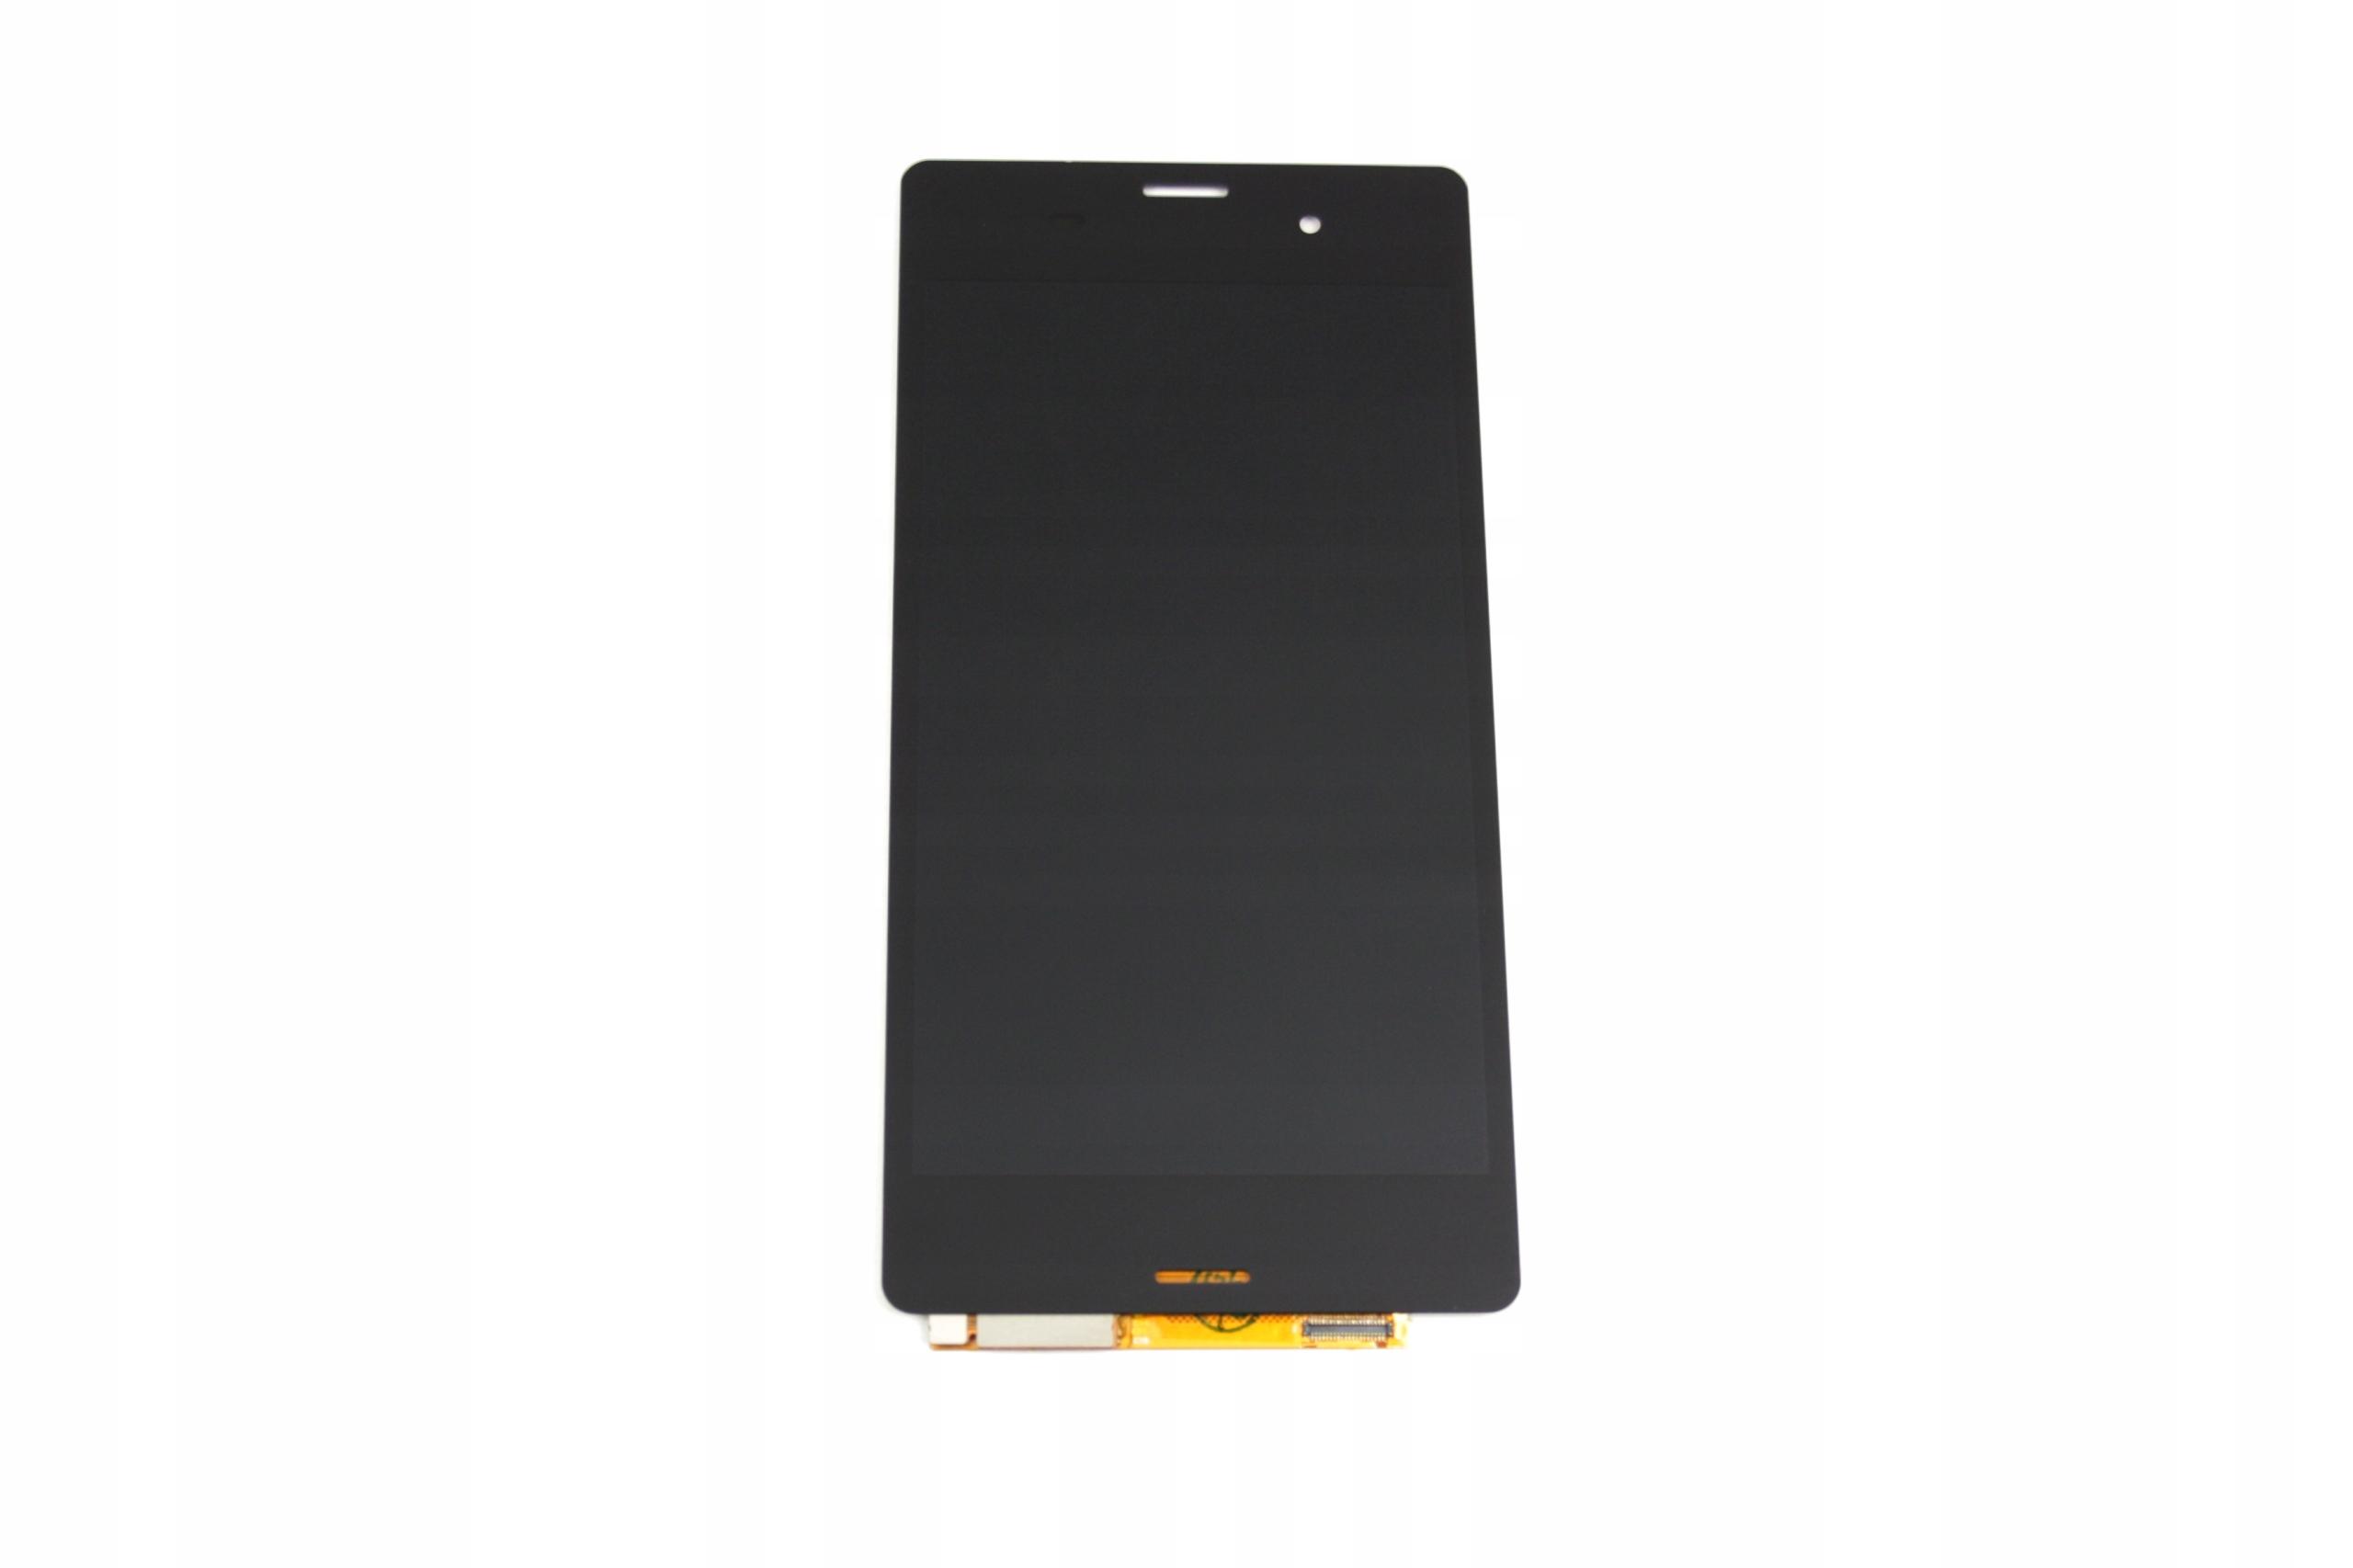 WYŚWIETLACZ PANEL LCD DOTYK SONY XPERIA D6603 Z3